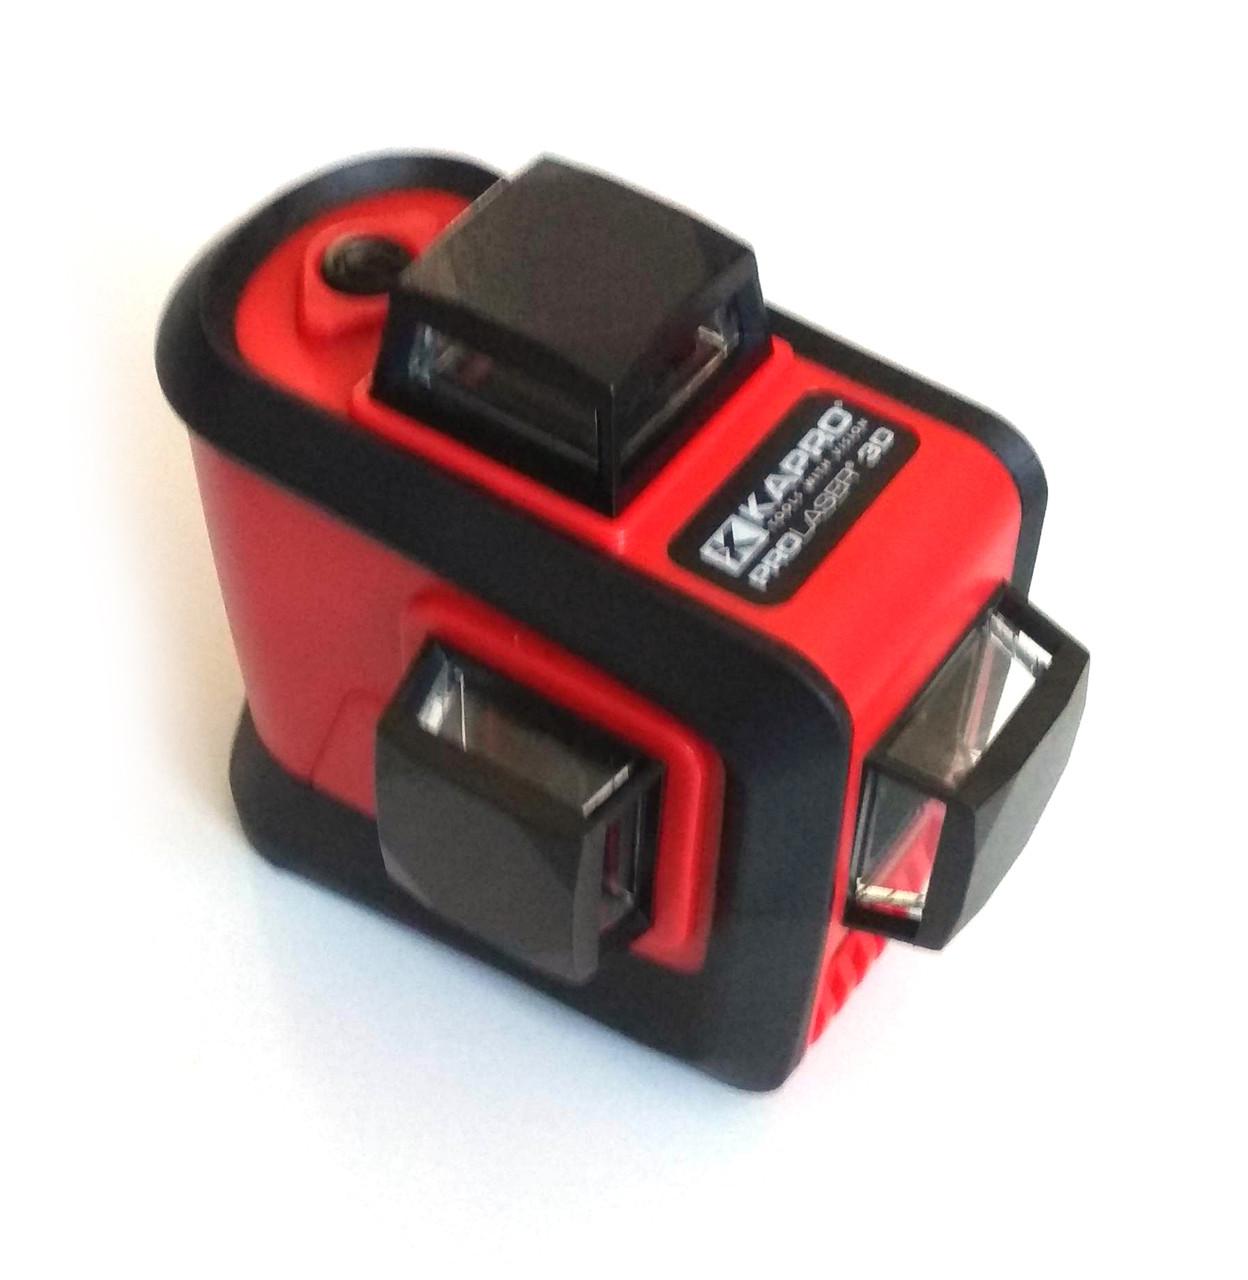 Лазерный уровень 3х360° Kapro 883N. Имеет три лазерных диода. В комплекте идет ударопрочный кейс.